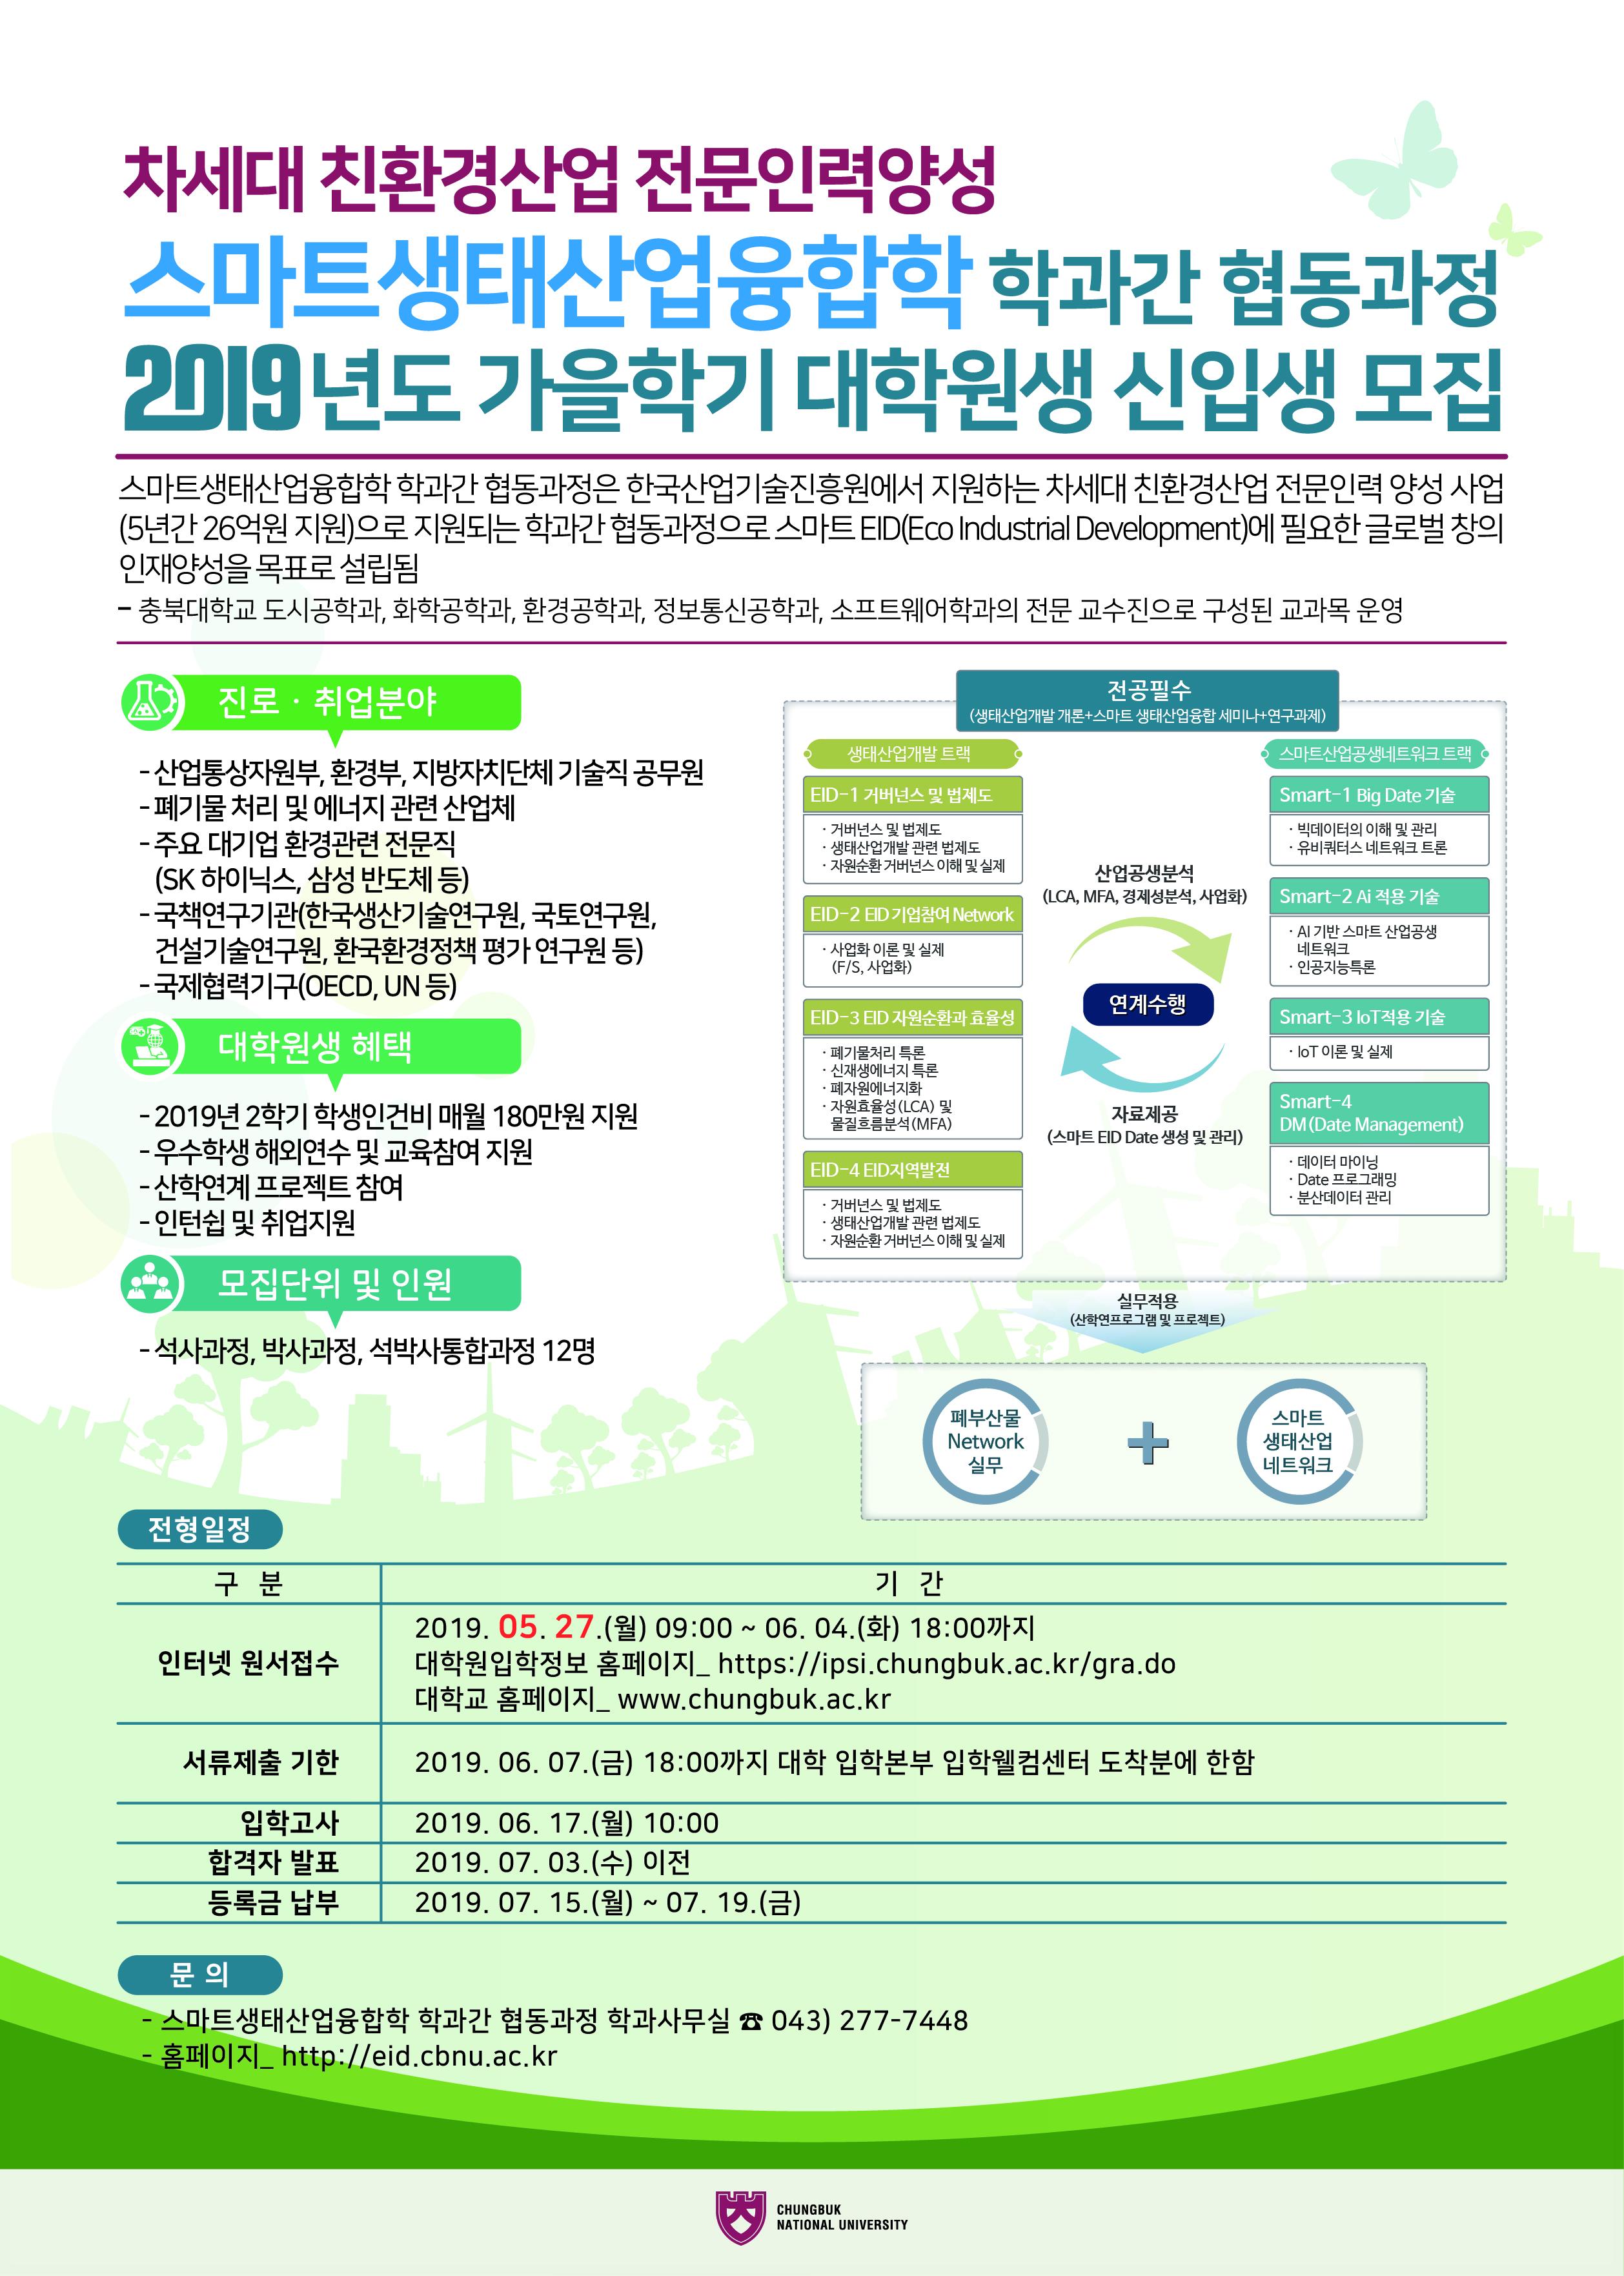 충북대학교 스마트생태산업융합학과 홍보포스터.jpg